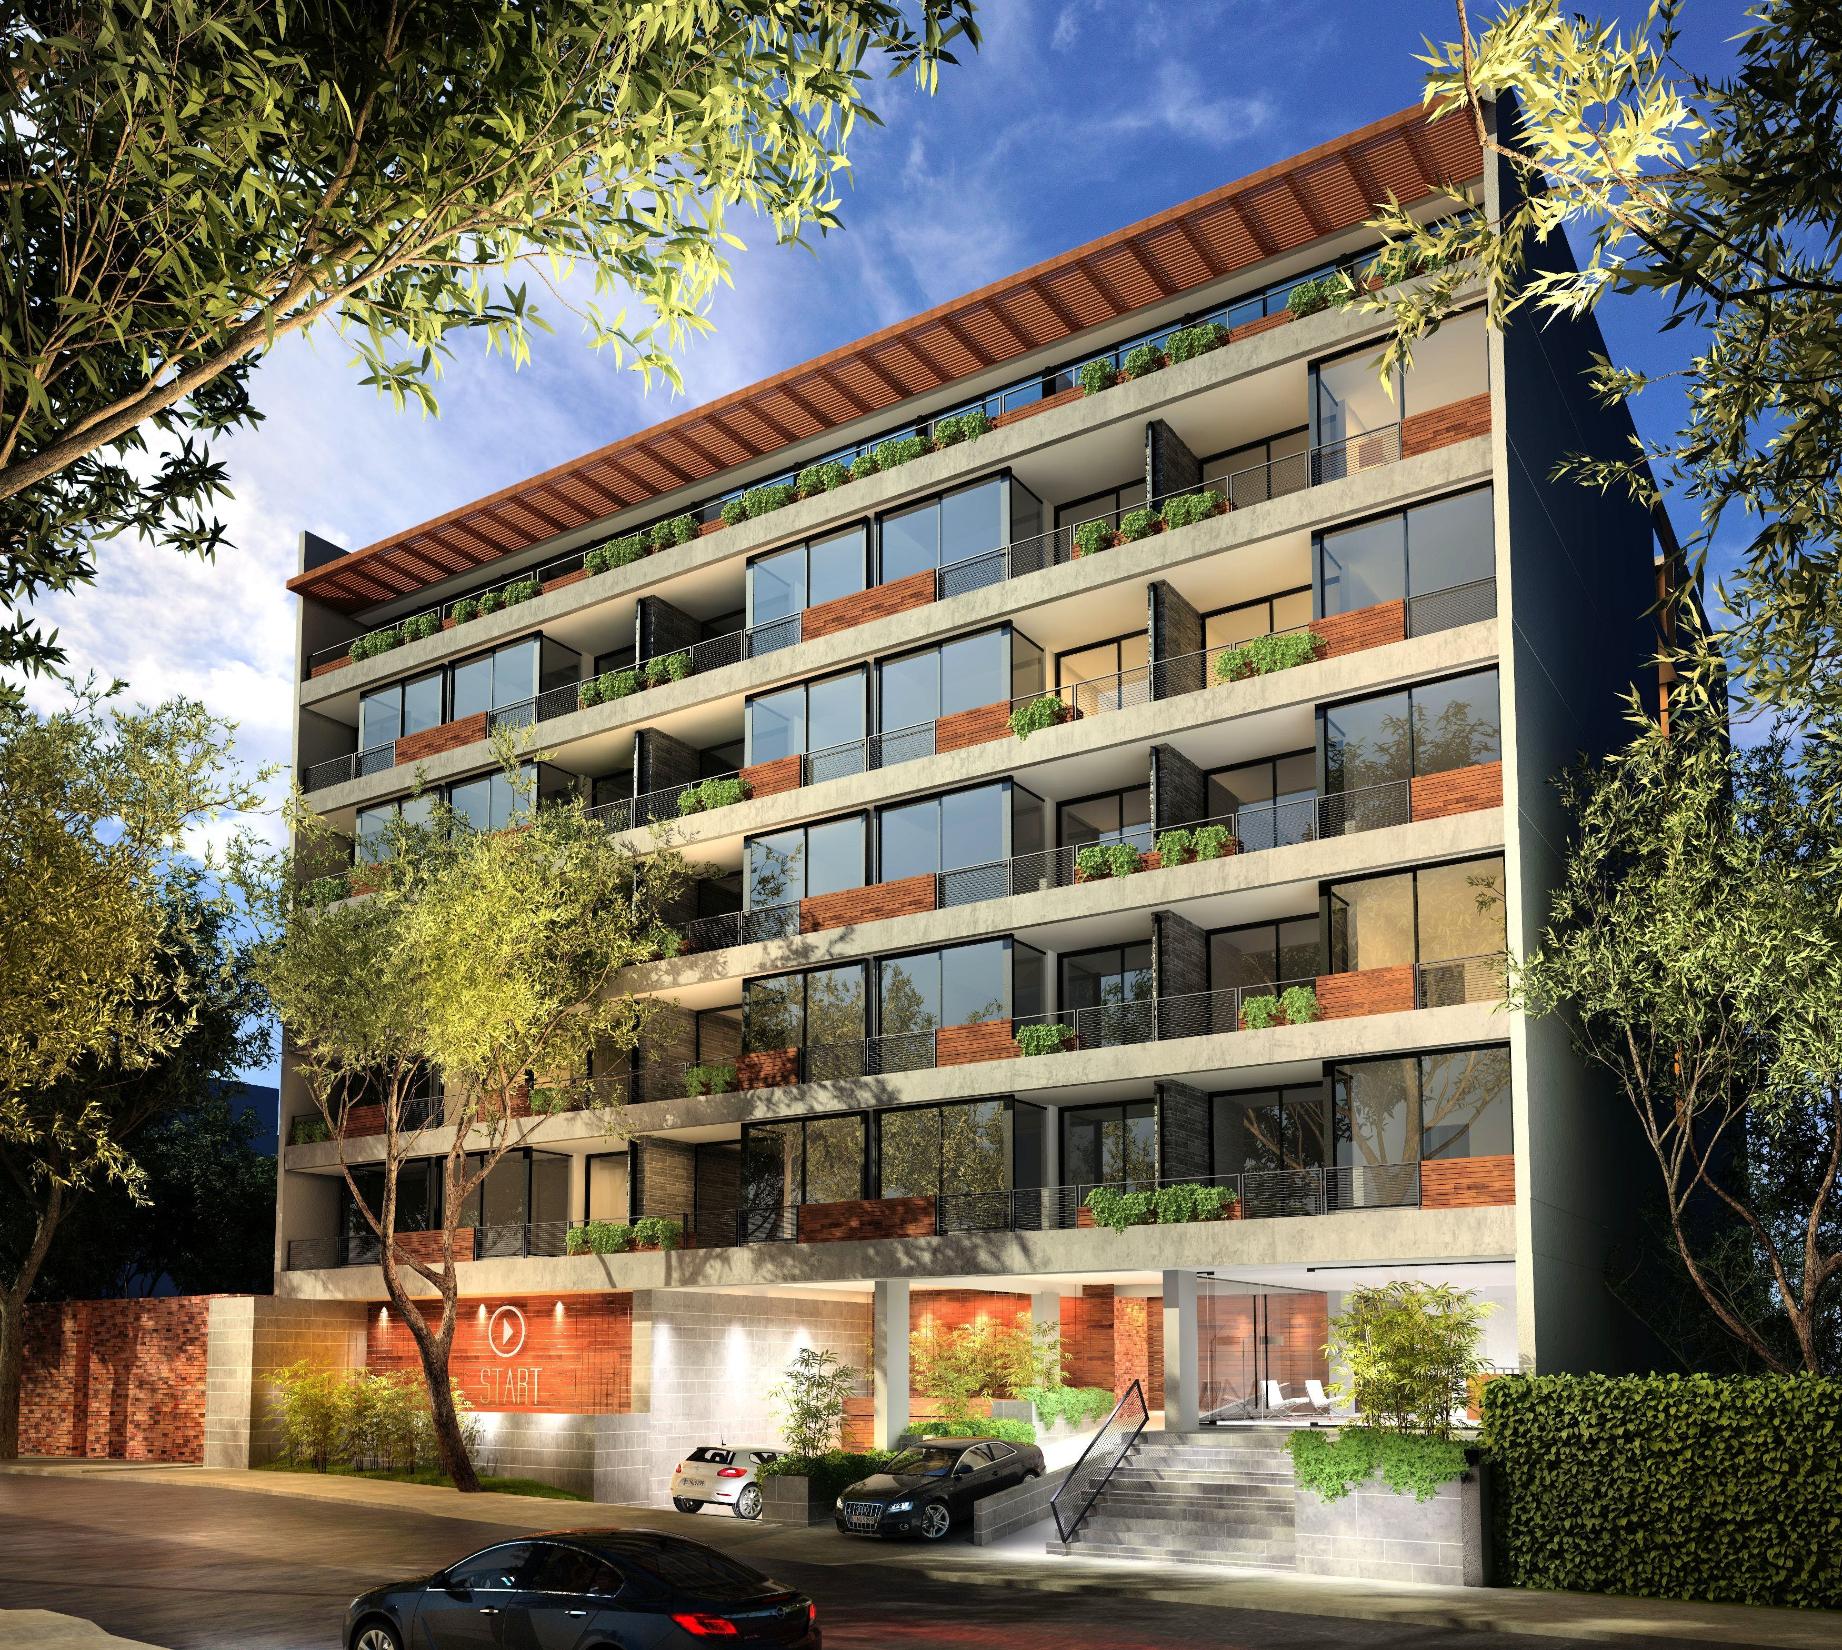 Tierra Inmobiliaria - Excelente Inversión Dpto. En Villa Morra De 1 Dormitorio